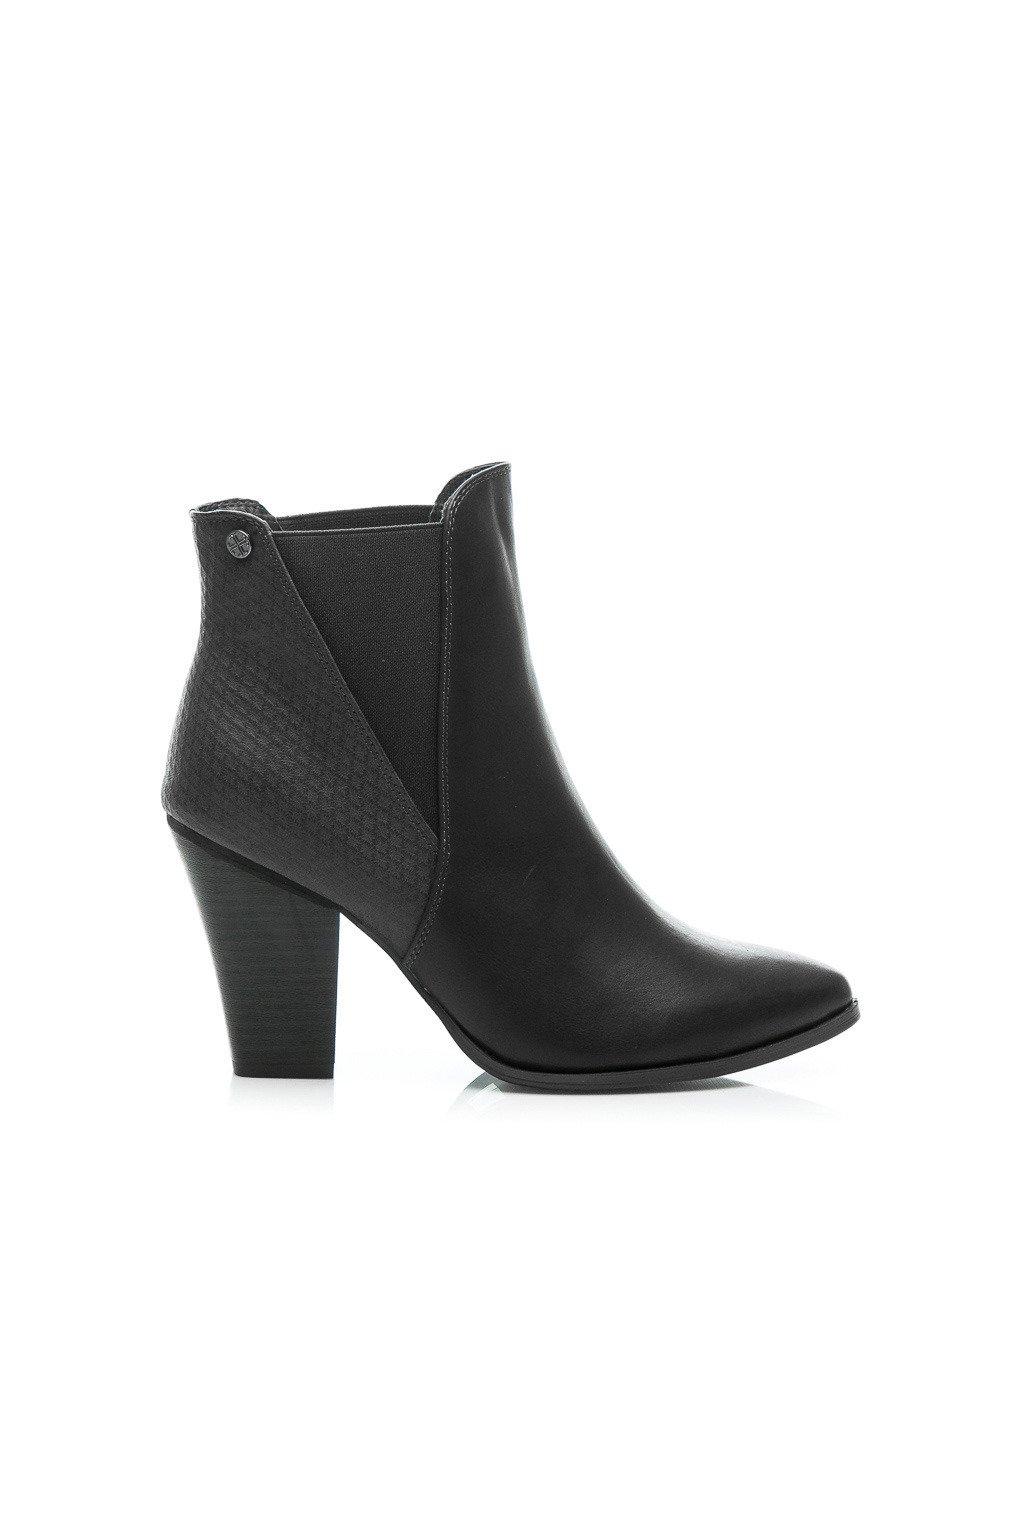 Dámska obuv veľkosť 35  514a5e38d34